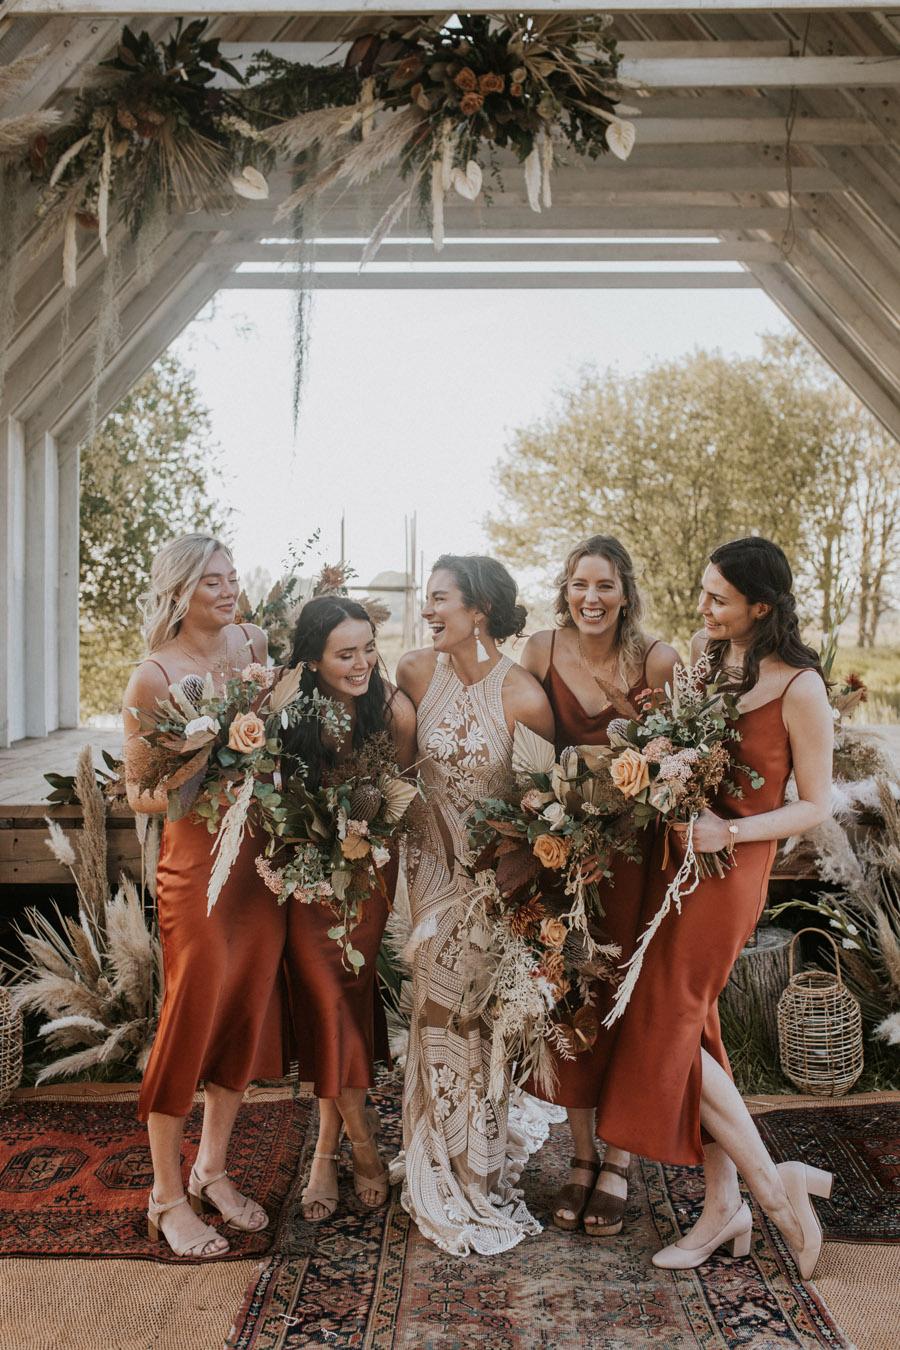 Photo via Junebug Weddings on English Wedding Blog (1)